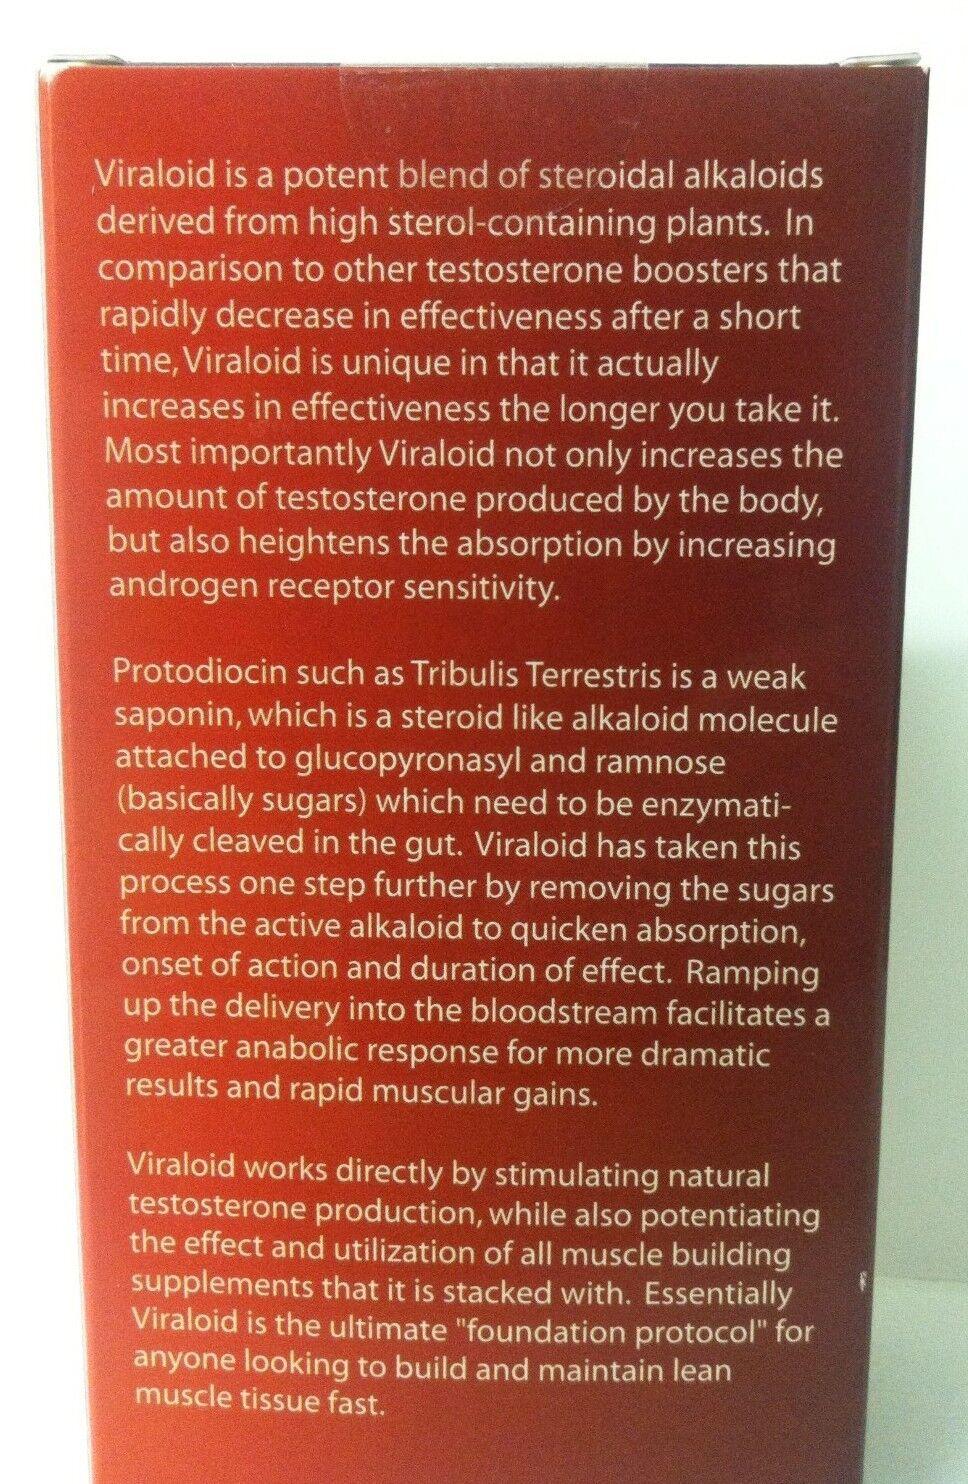 Viraloid Vyotech Muscle Strength Booster Natural Testosterone Booster Strength 3 bottles 7/2021 b3d7de